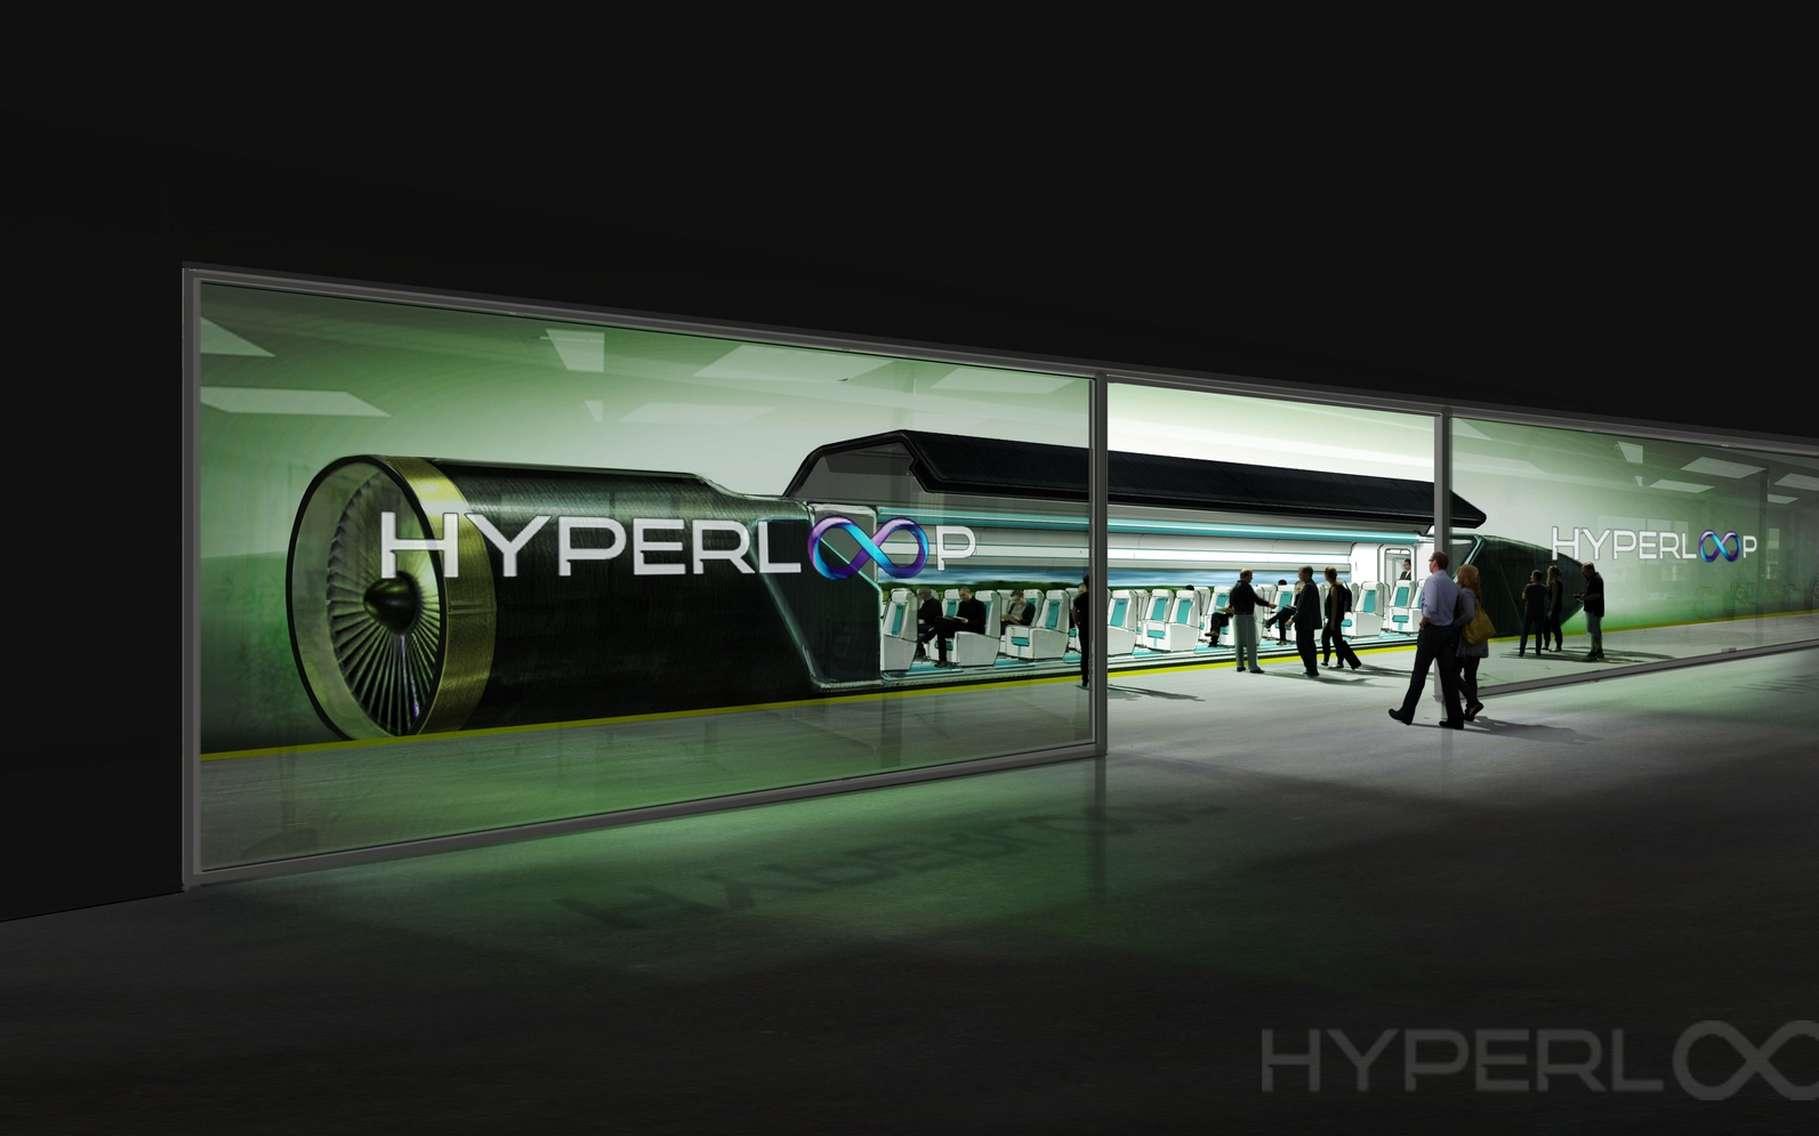 Plusieurs entreprises et universités travaillent en parallèle sur le projet de train subsonique Hyperloop qui transporterait des passagers et du fret à des vitesses pouvant atteindre les 1.200 km/h. © Hyperloop One